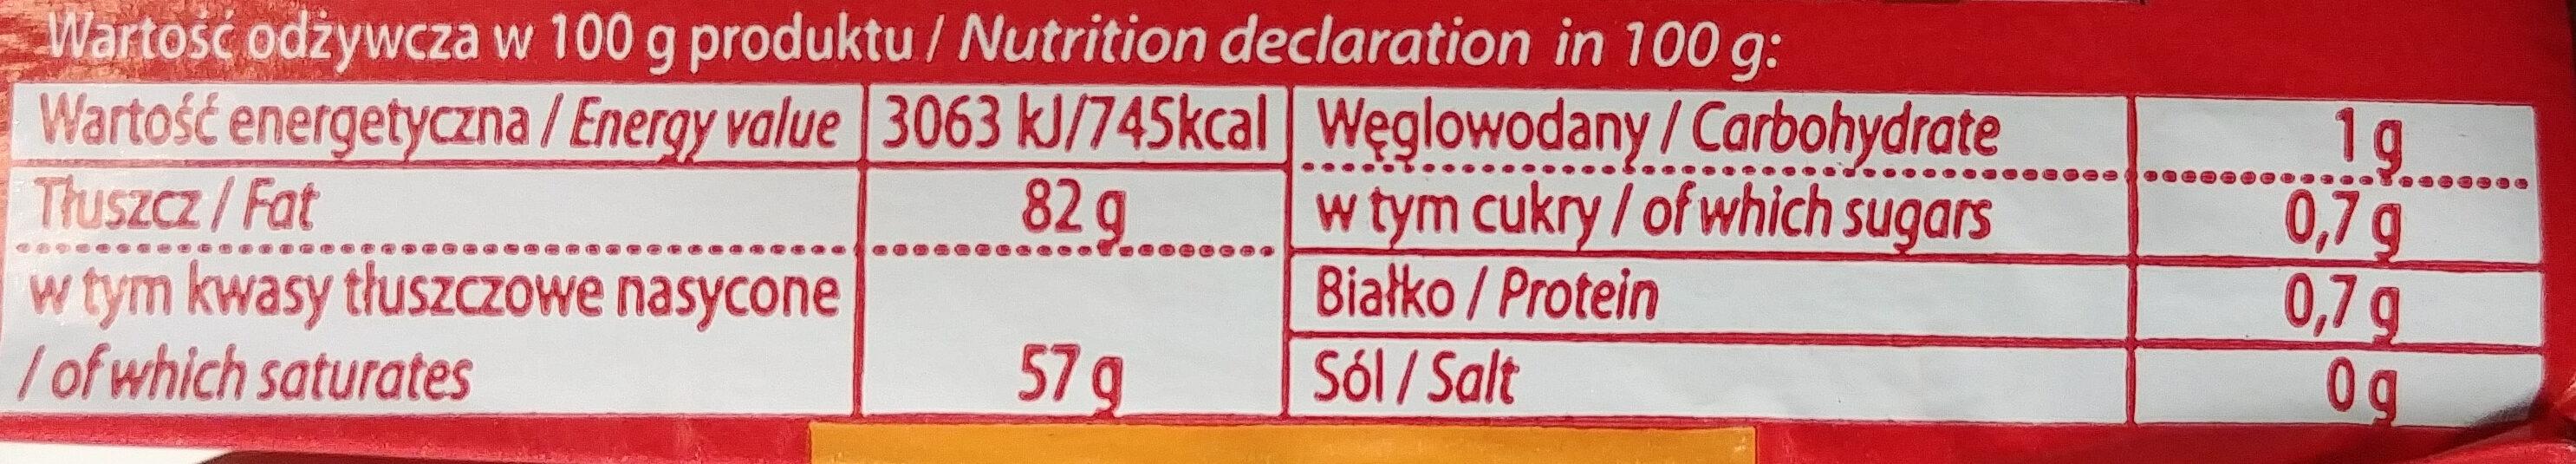 Masło królewskie - Wartości odżywcze - pl